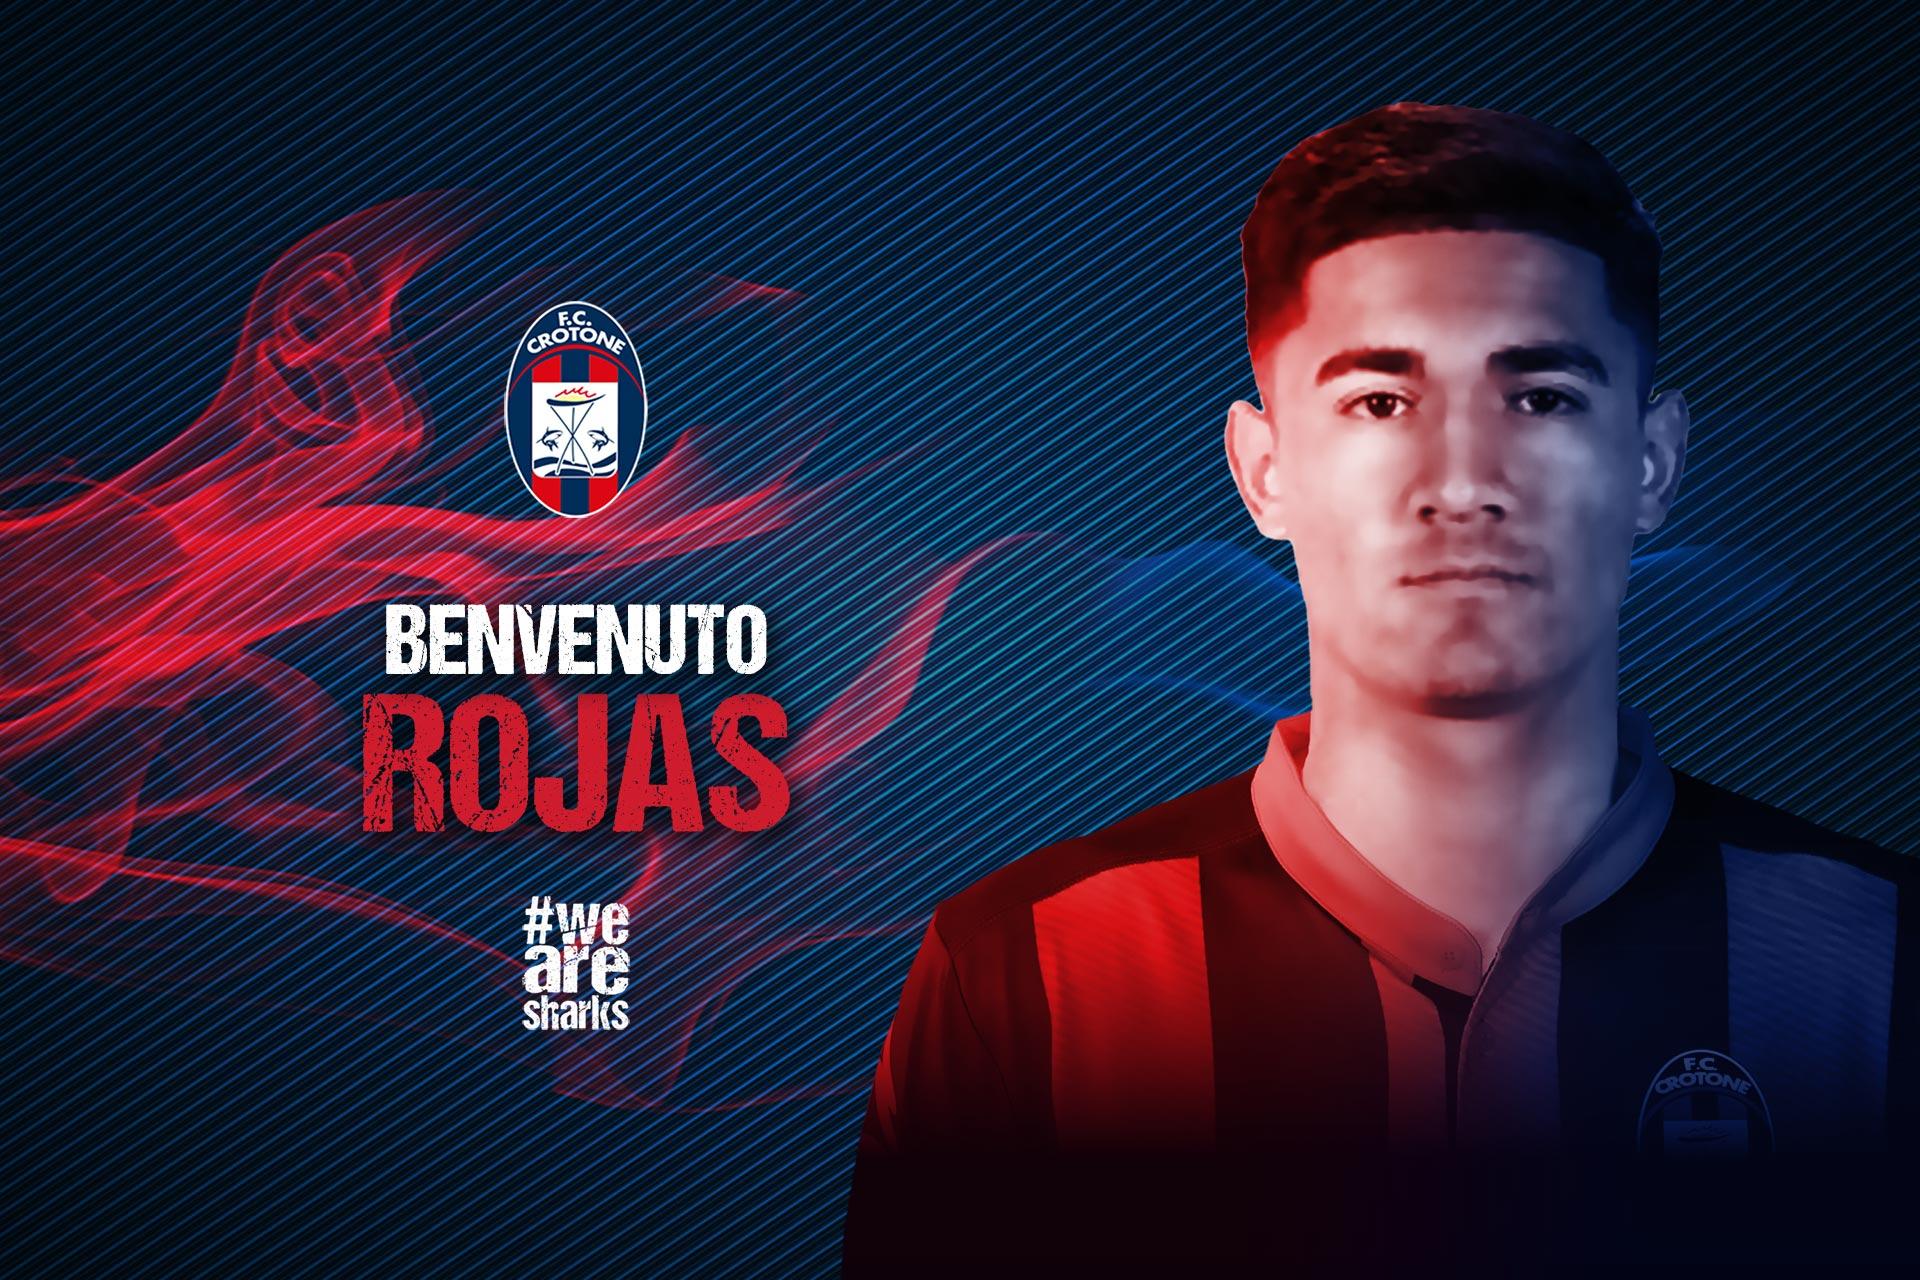 La giovane stella Rojas è rossoblù. Benvenuto Luis